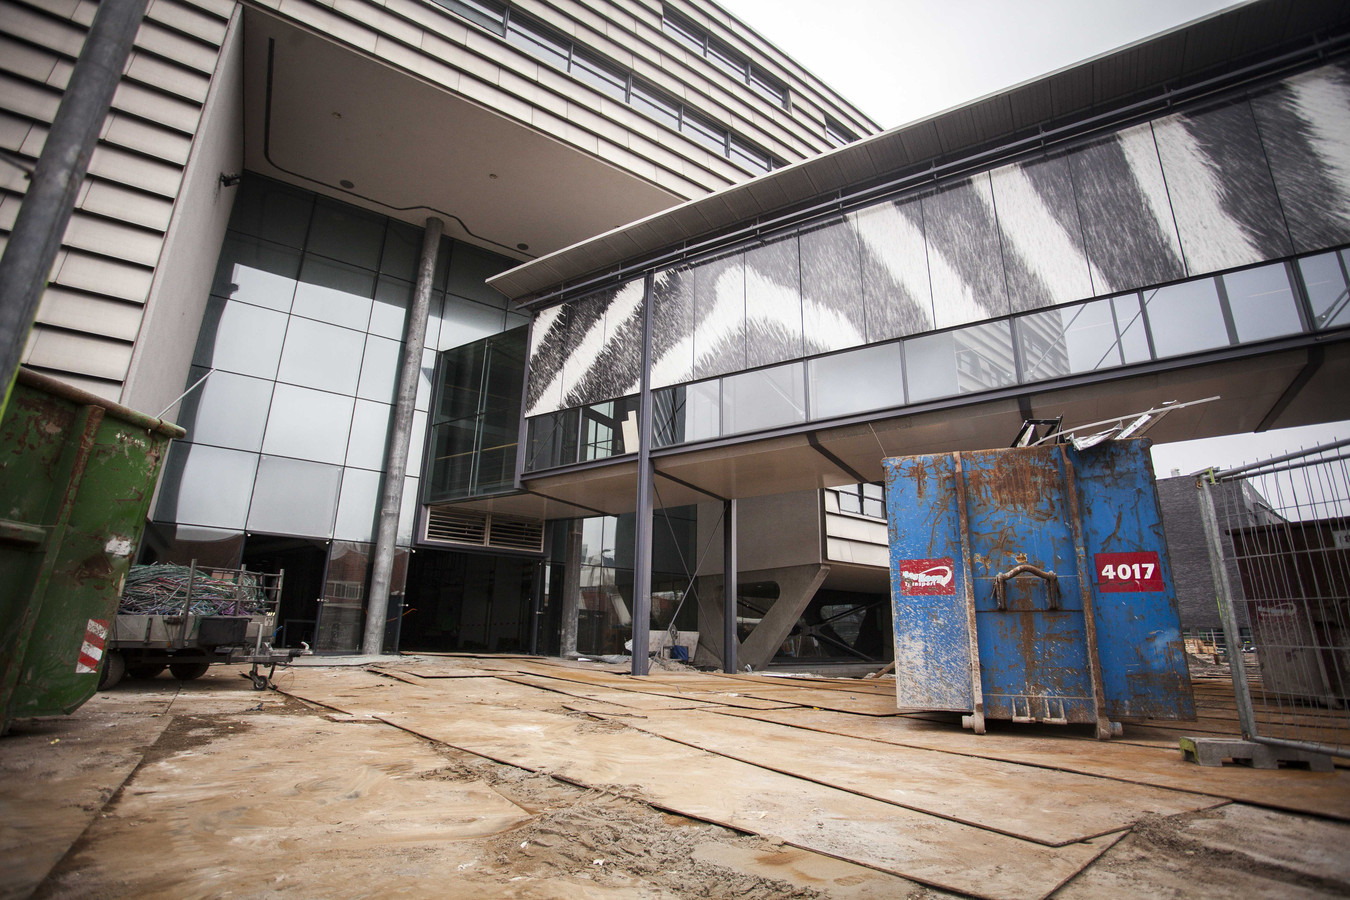 Het museum Naturalis onder verbouwing. De oorspronkelijke architect Fons Verheijen van het museumgebouw is een bodemprocedure begonnen om de verbouwing tegen te houden.